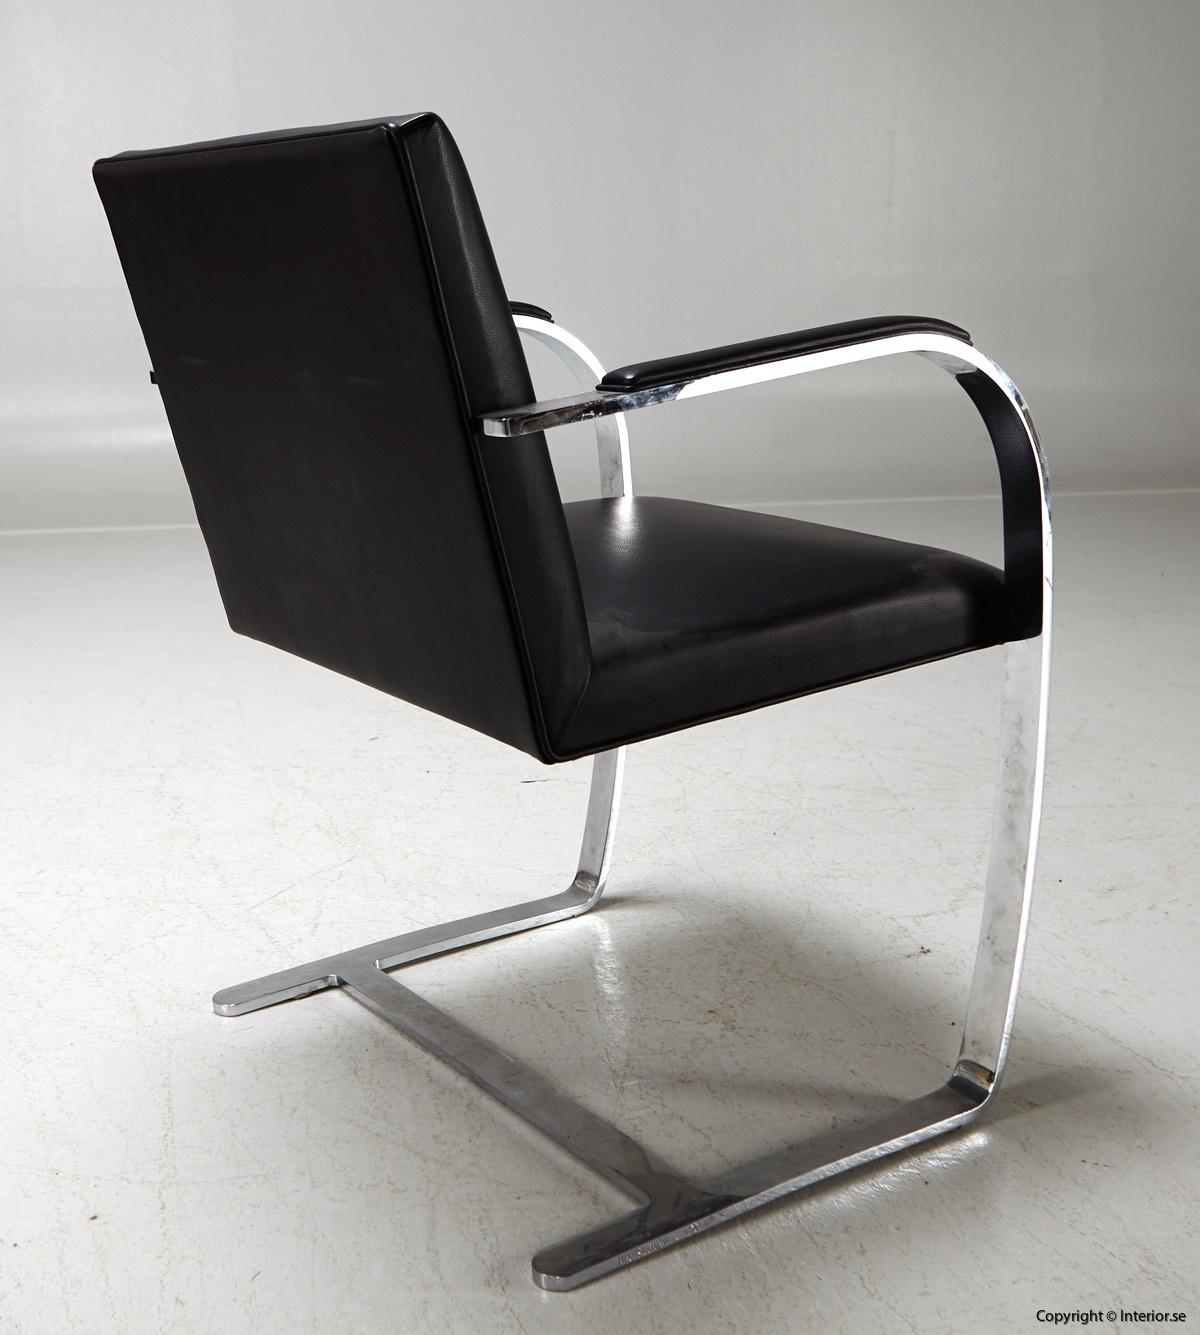 1 Stol, Knoll Brno E01M 4200 - Ludwig Mies van der Rohe (3)